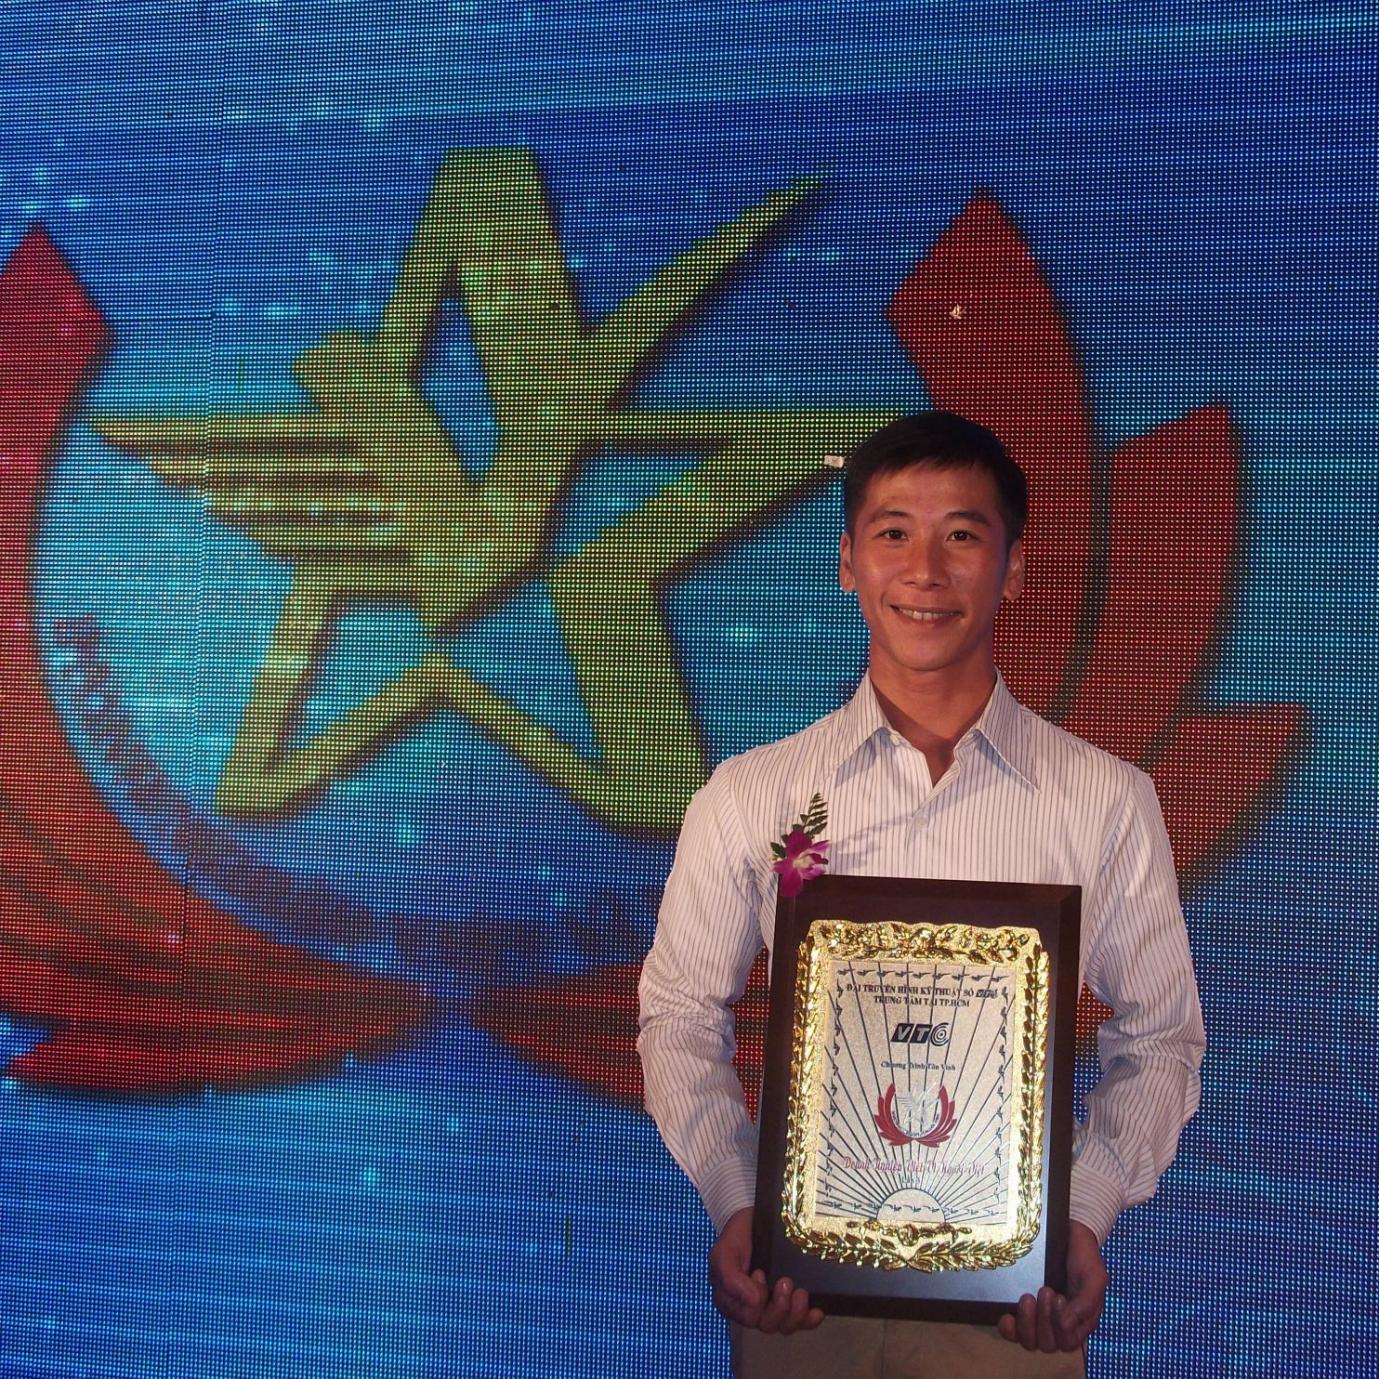 Doanh nhân Trần Lưu Bảo Đại: Gia đình luôn luôn là điểm tựa vững chắc để hướng tới thành công - Ảnh 3.